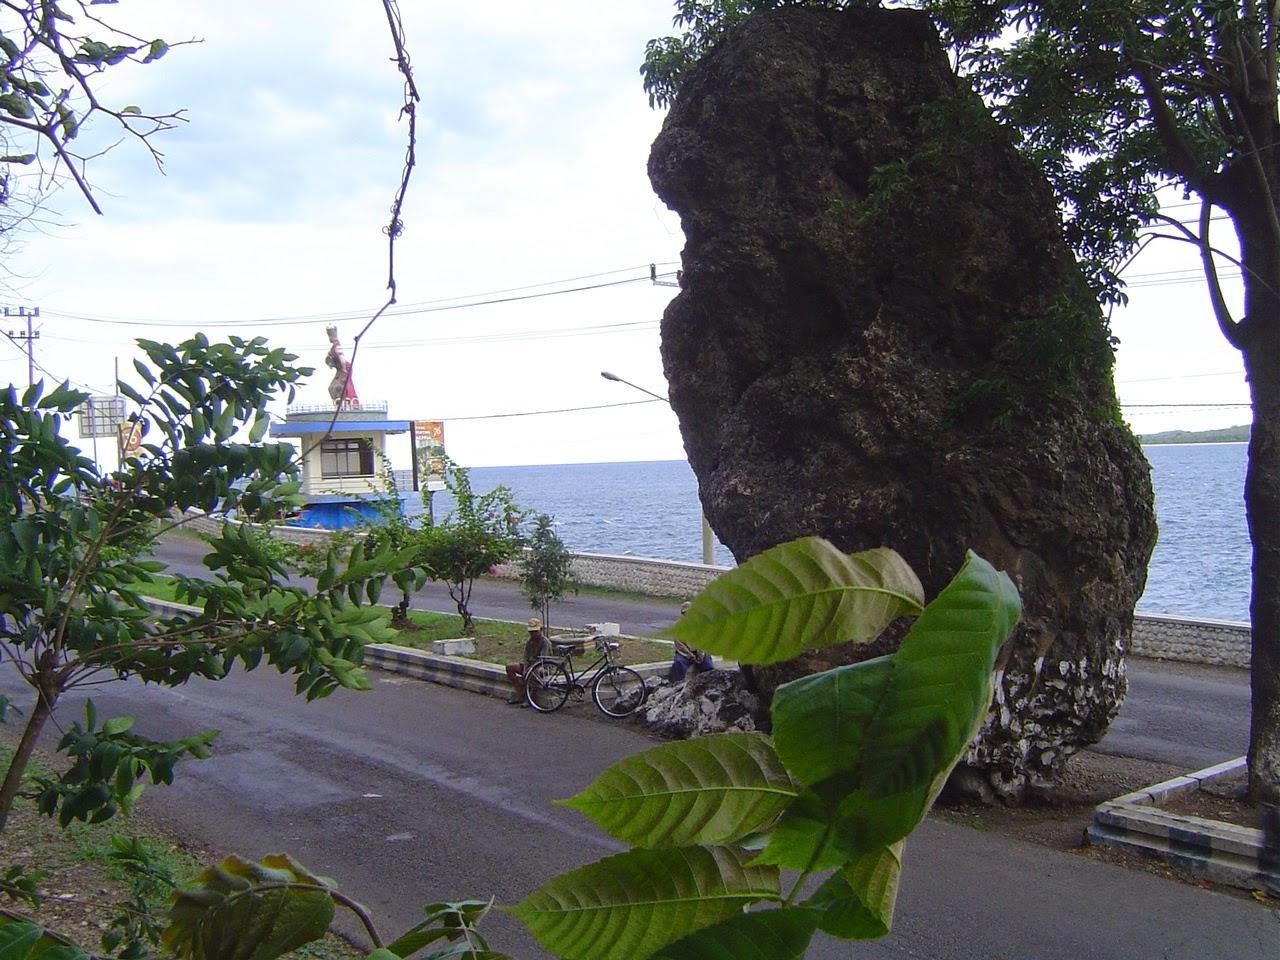 Tempat Wisata Di Banyuwangi,Surga Wisata Jawa Timur